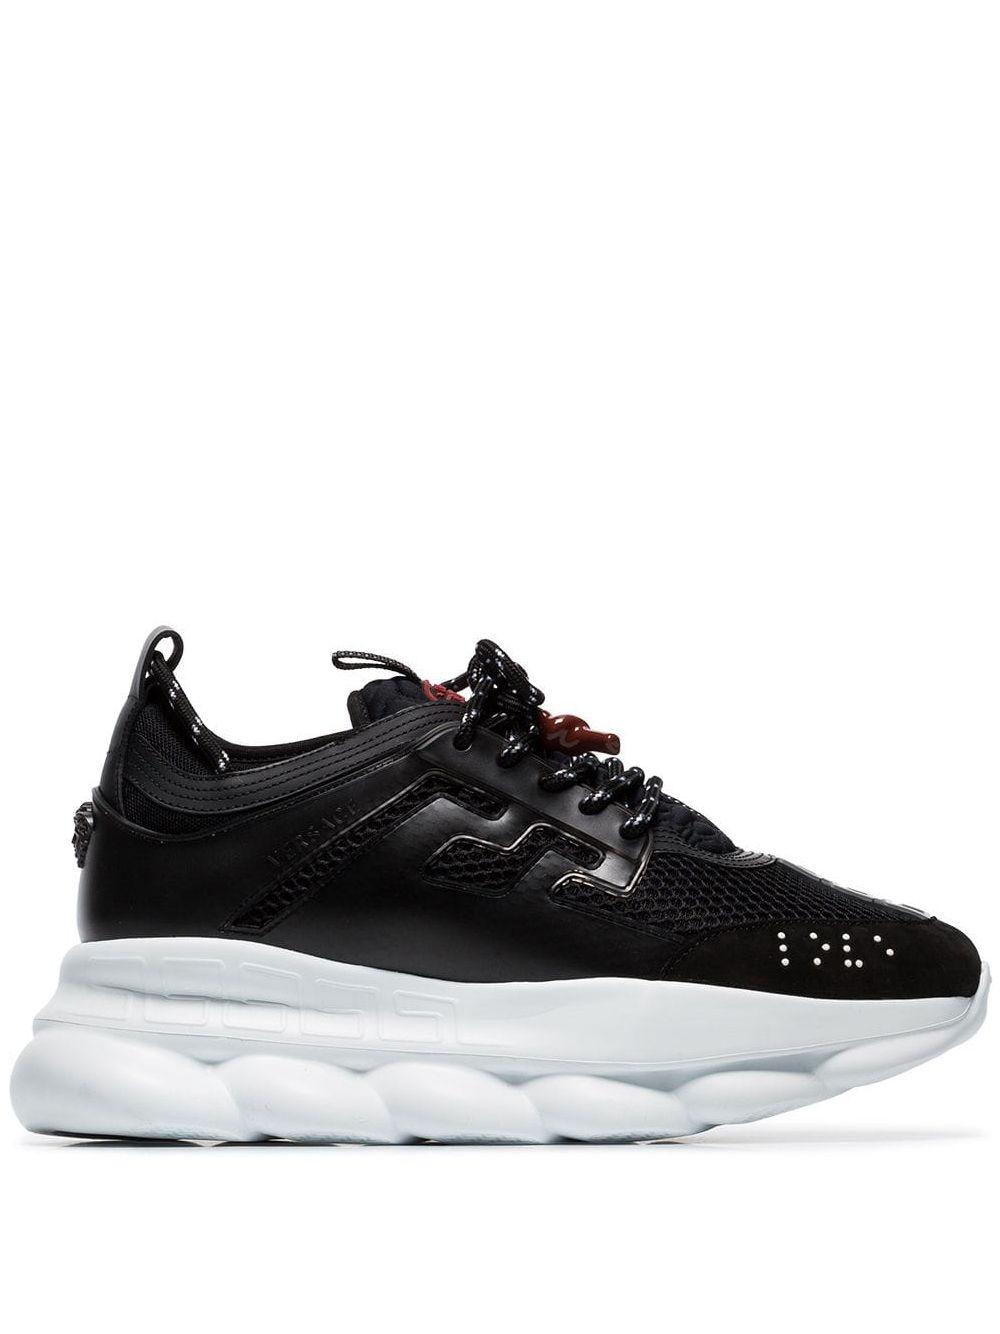 VERSACE- Versace Sneakers Black- Man- 40 - Black